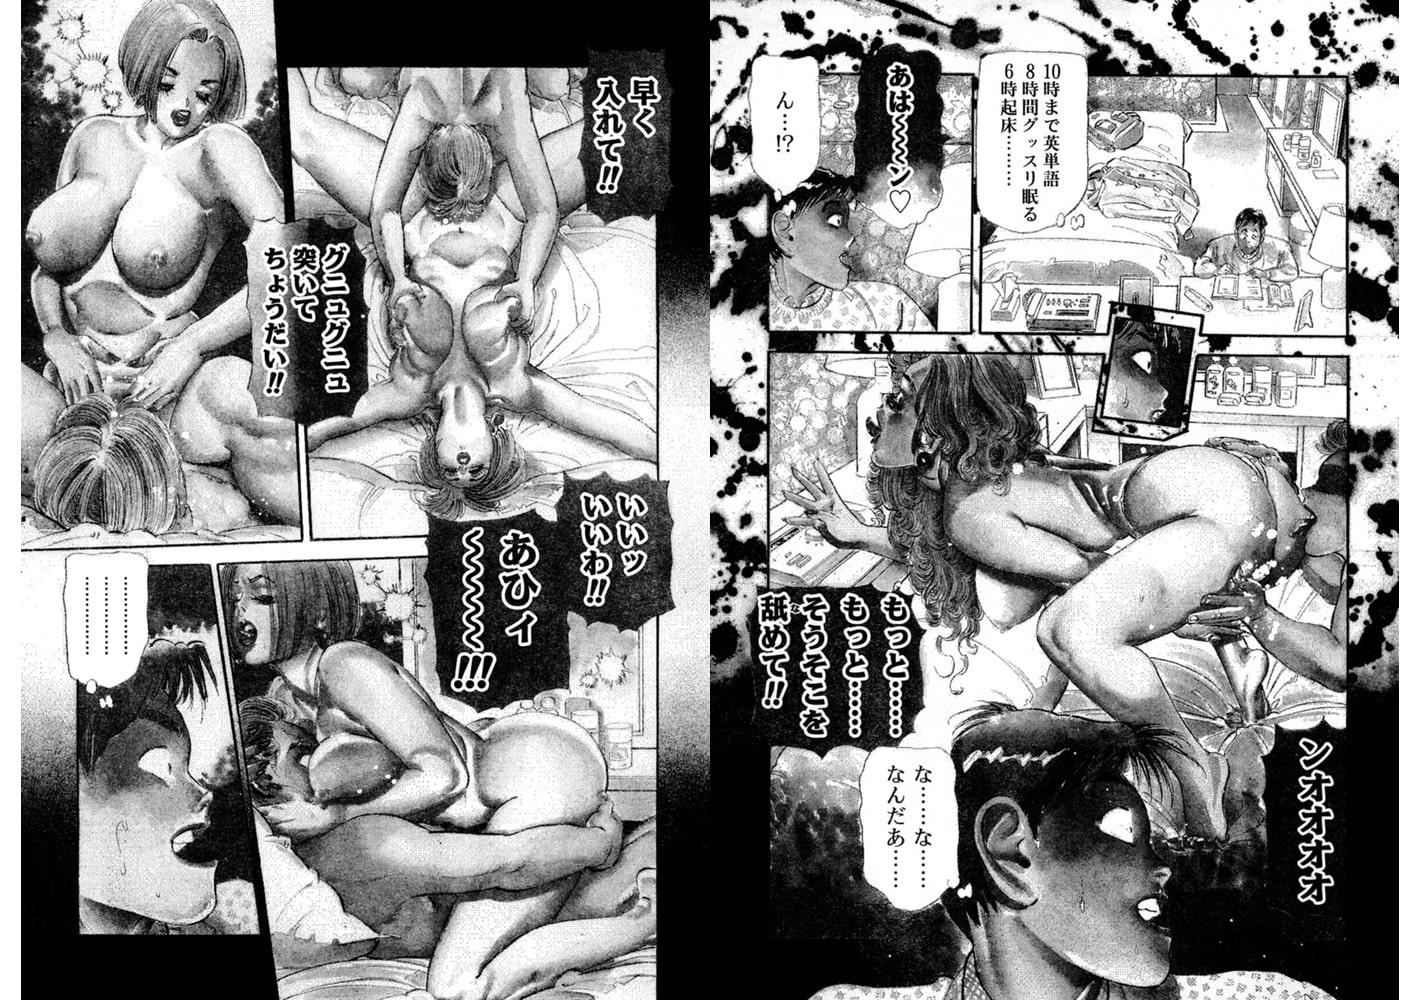 エロ過ぎる人妻品評会~初イき料金は私にたっぷり注いで 12巻